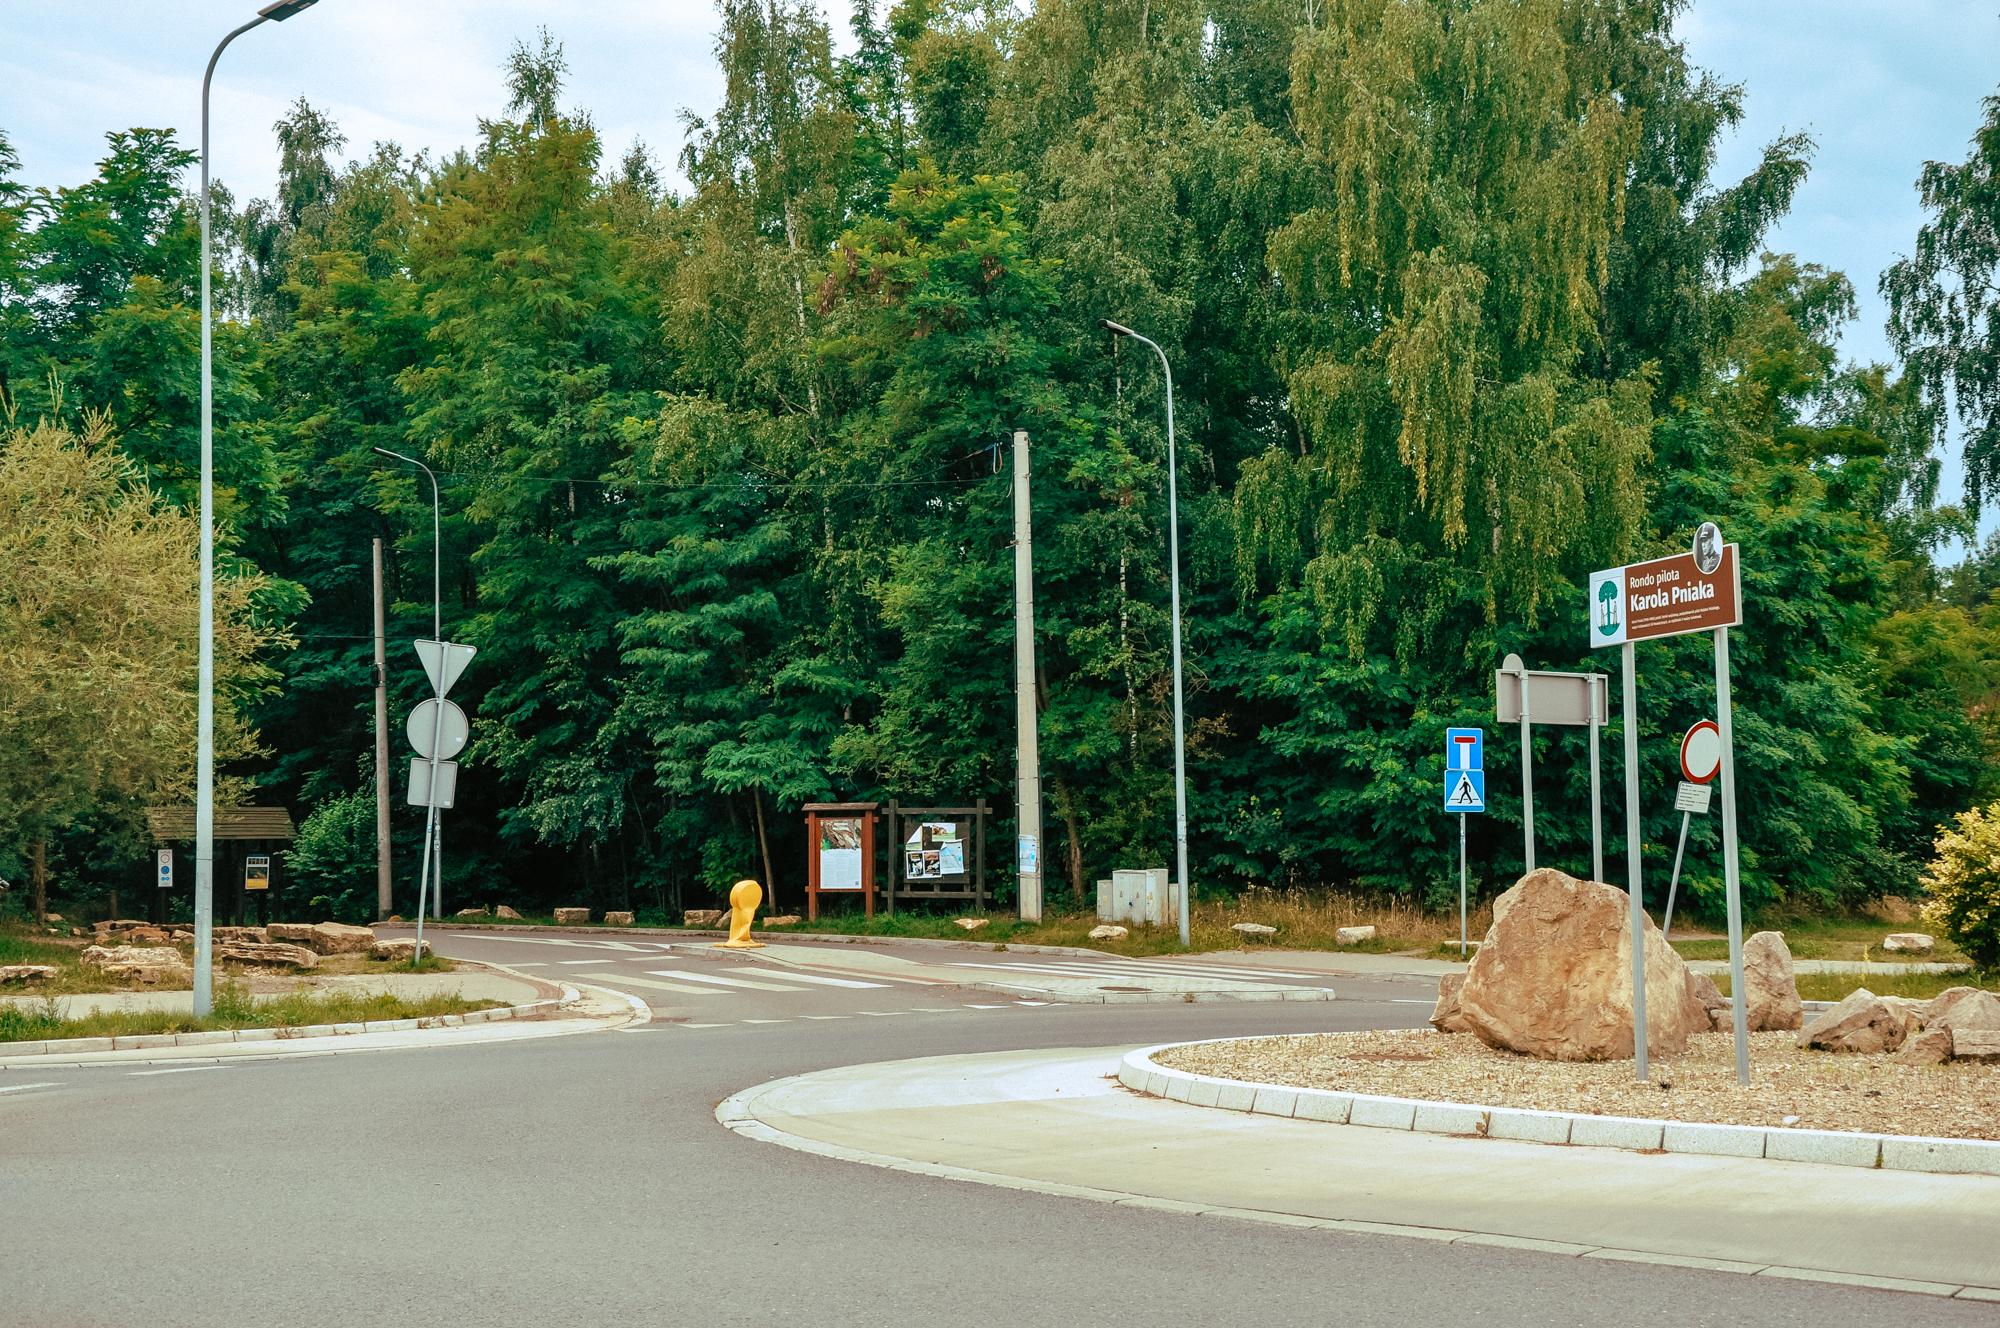 polskie malediwy Jaworzno gdzie zaparkować?